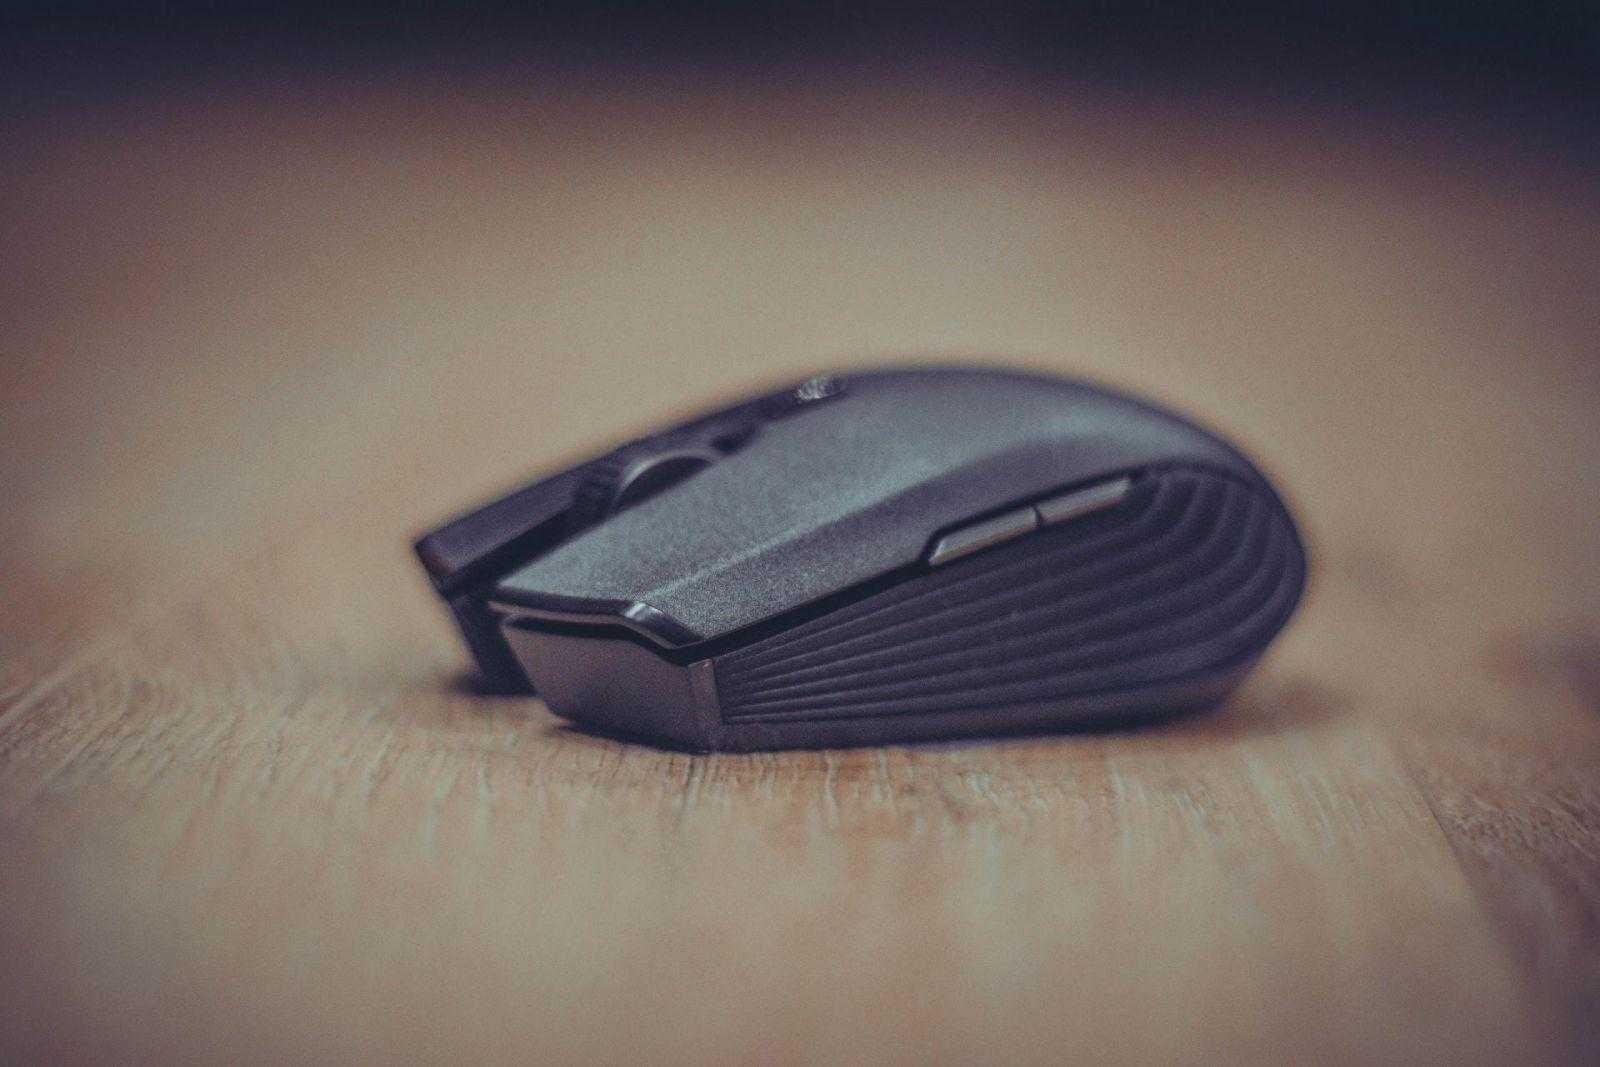 Играй где угодно. Обзор мышки Razer Atheris (DSC 6267 Edit)